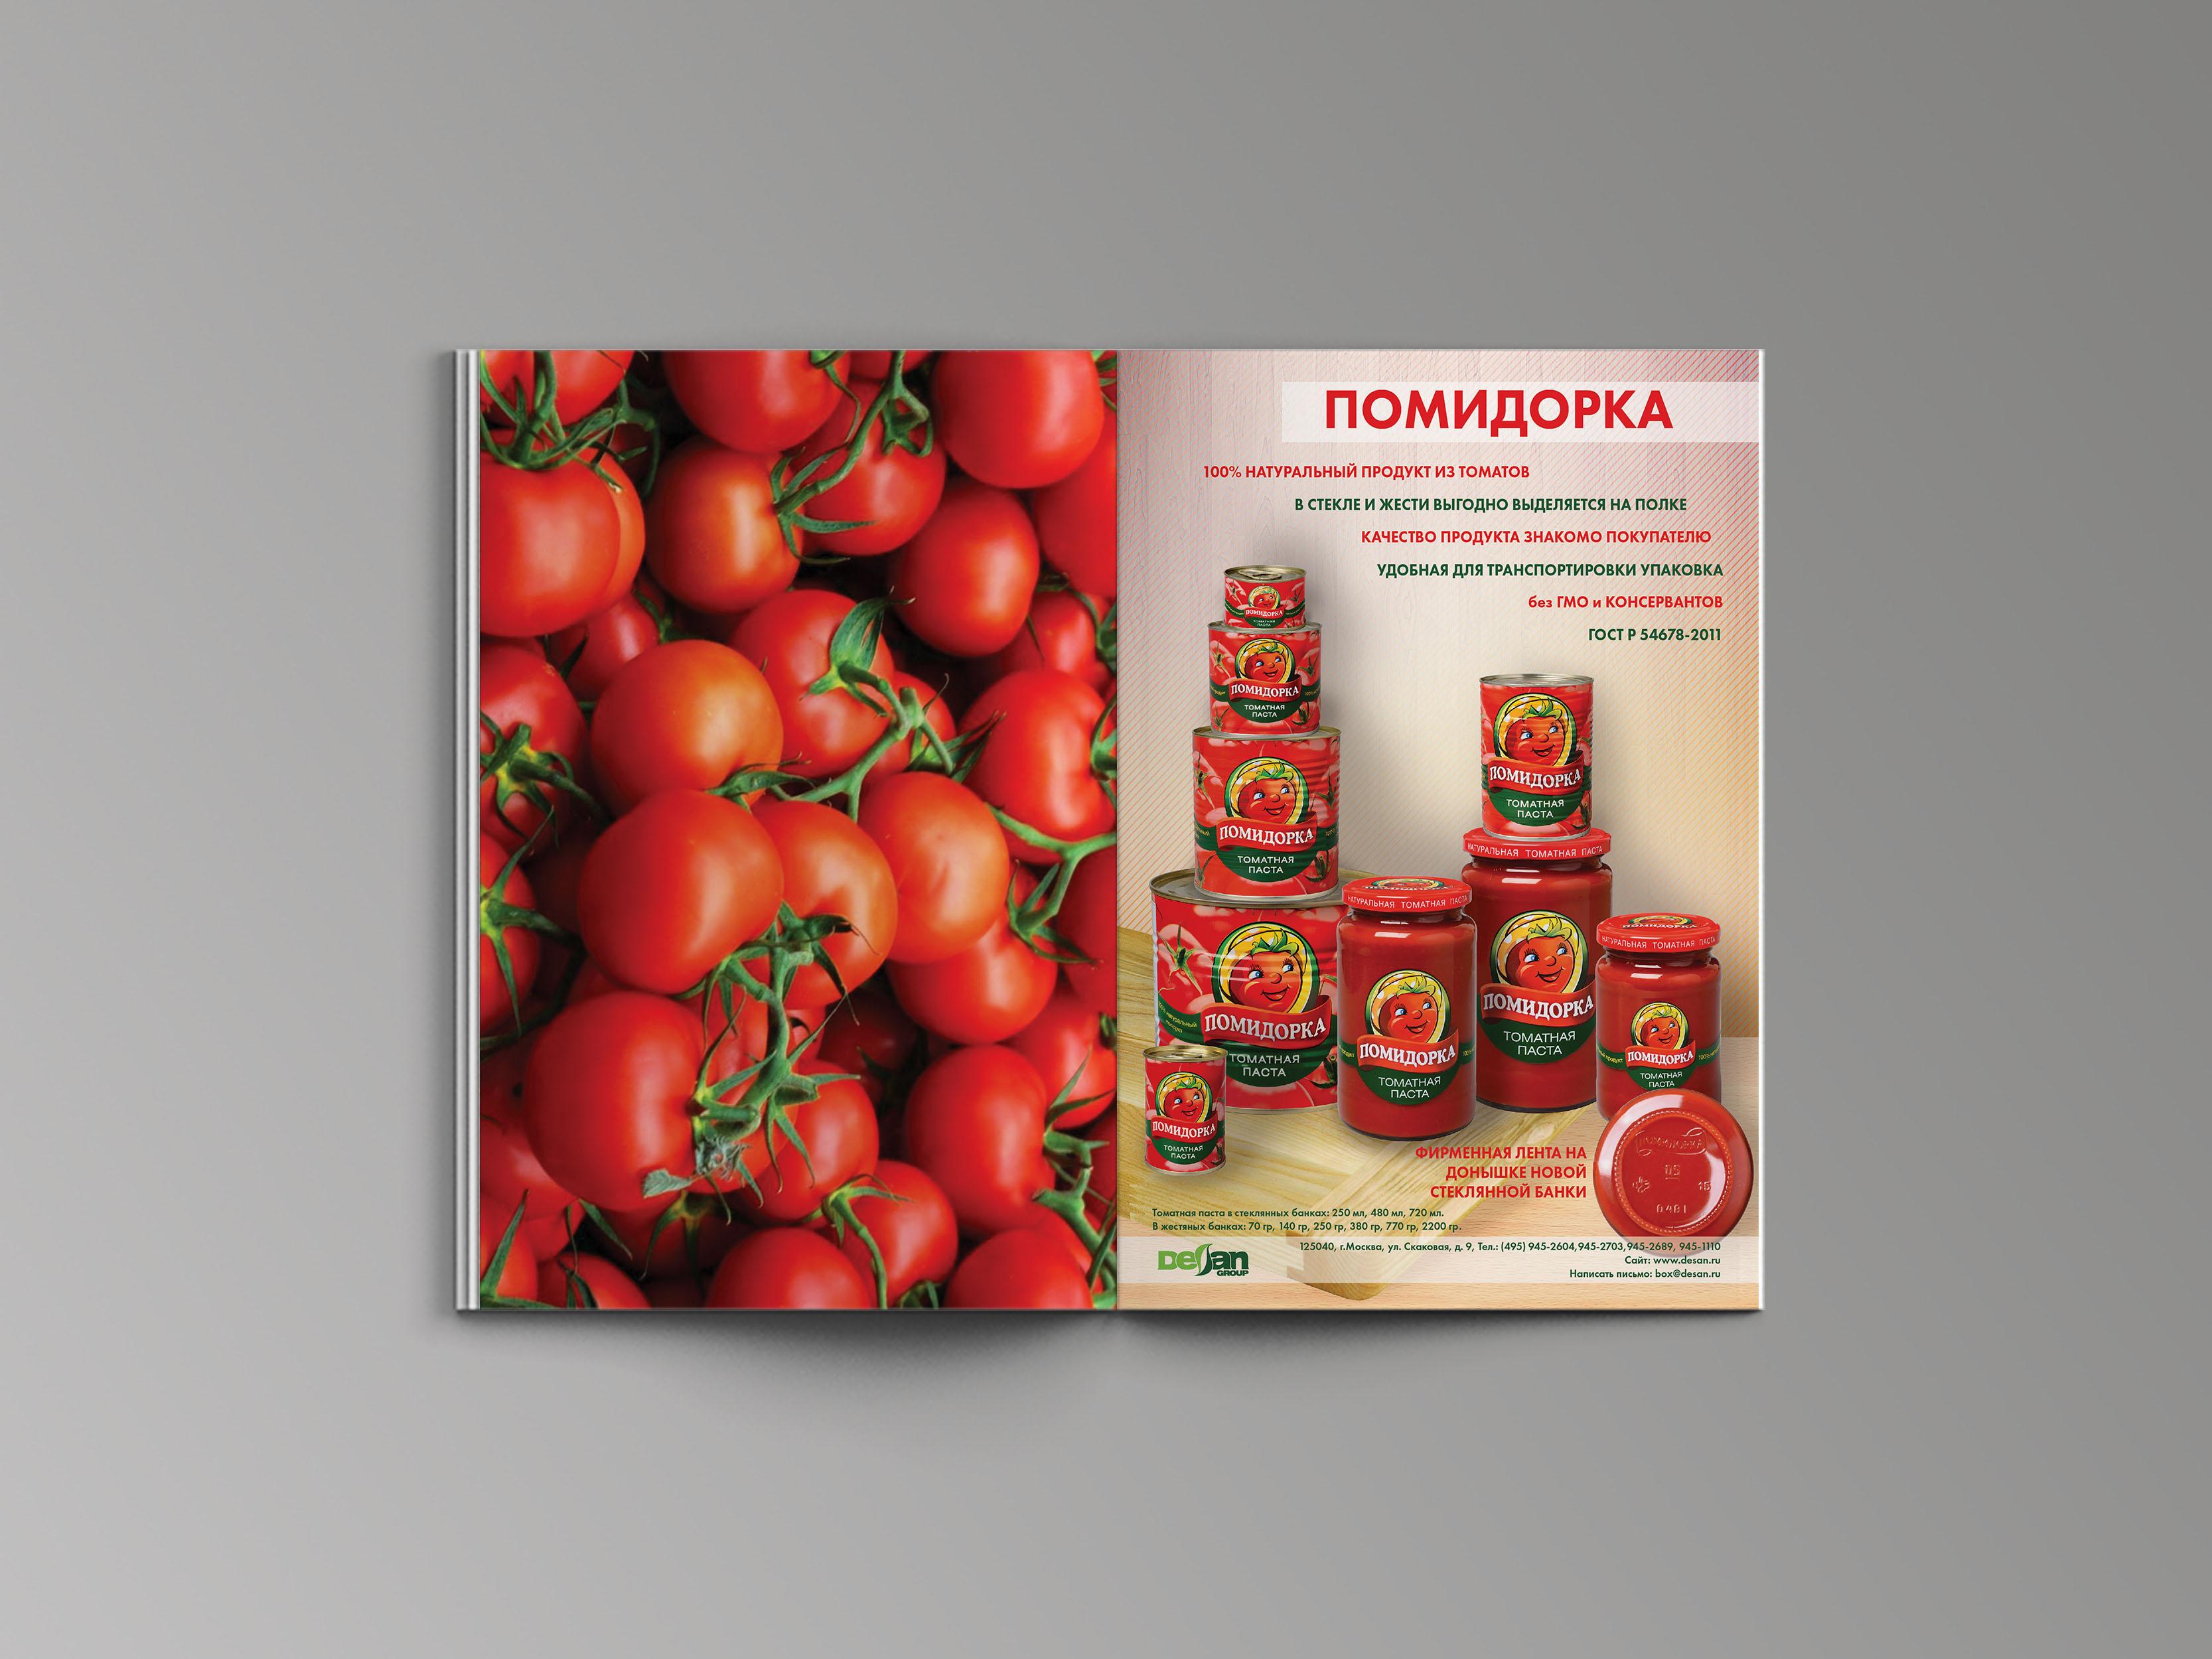 Дизайн рекламного макета